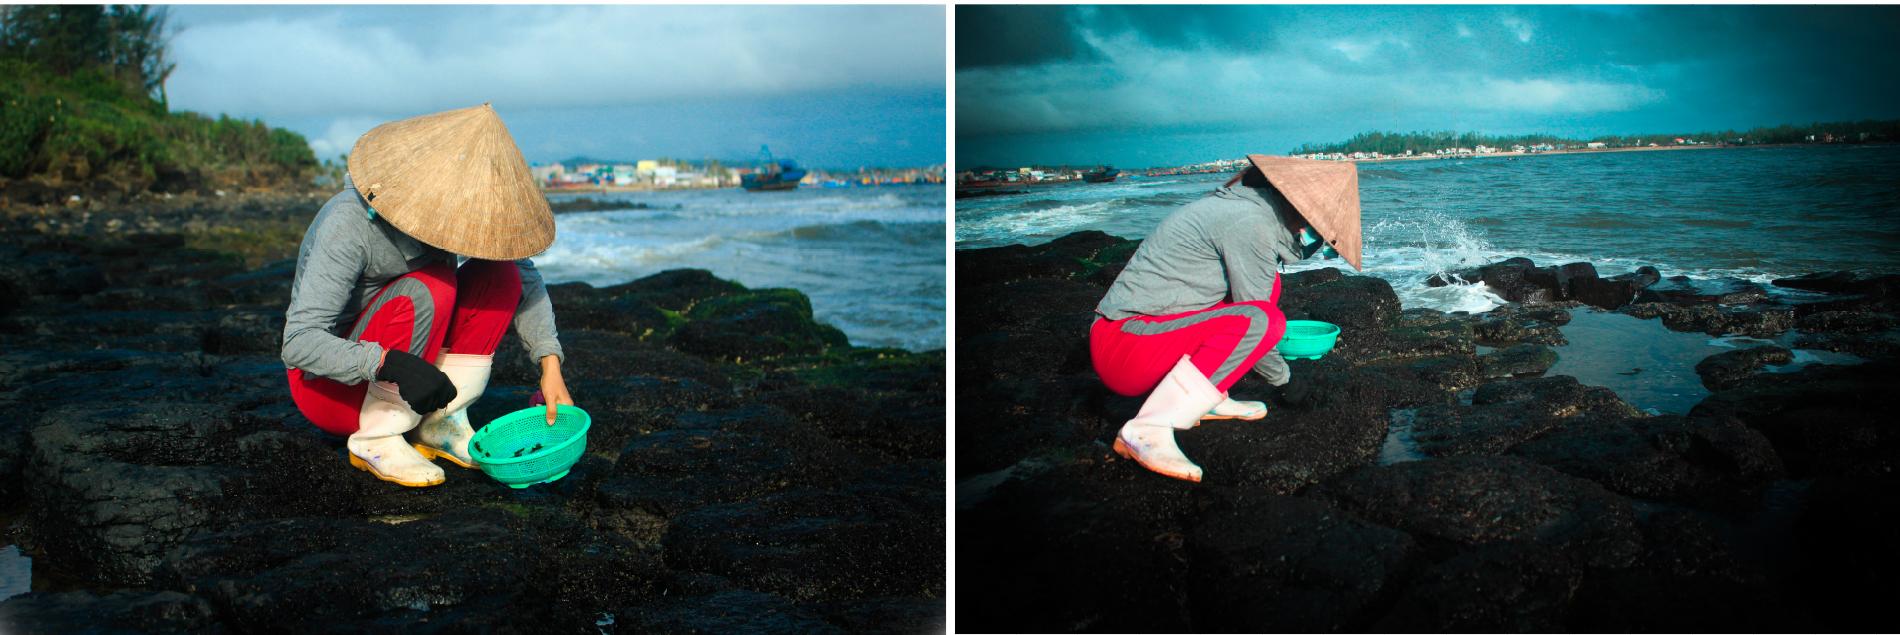 'Lộc biển' trên gành đá ảnh 5